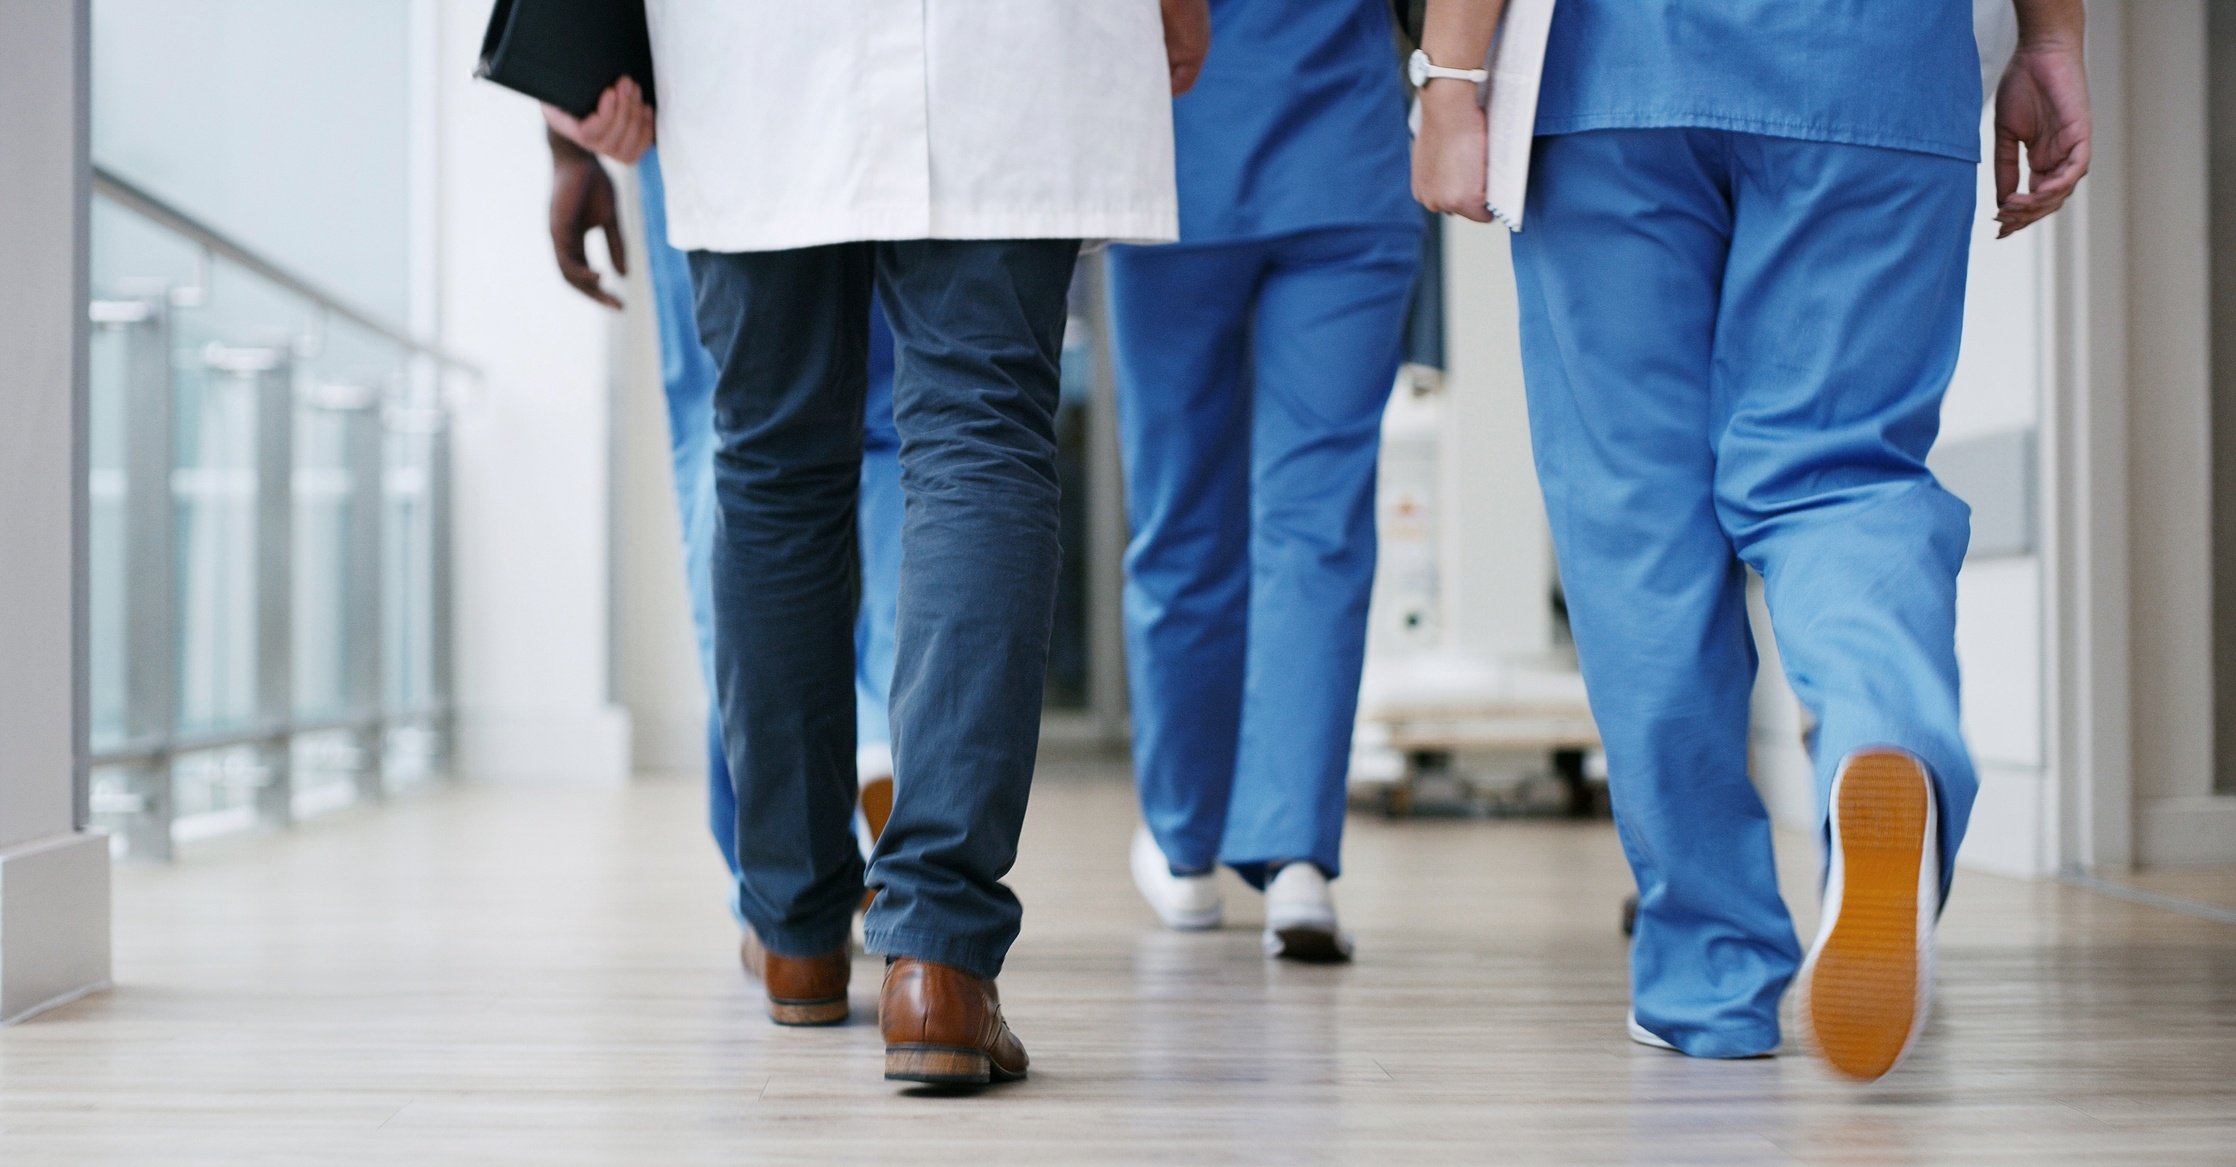 Nursing 'facing emerging crisis'